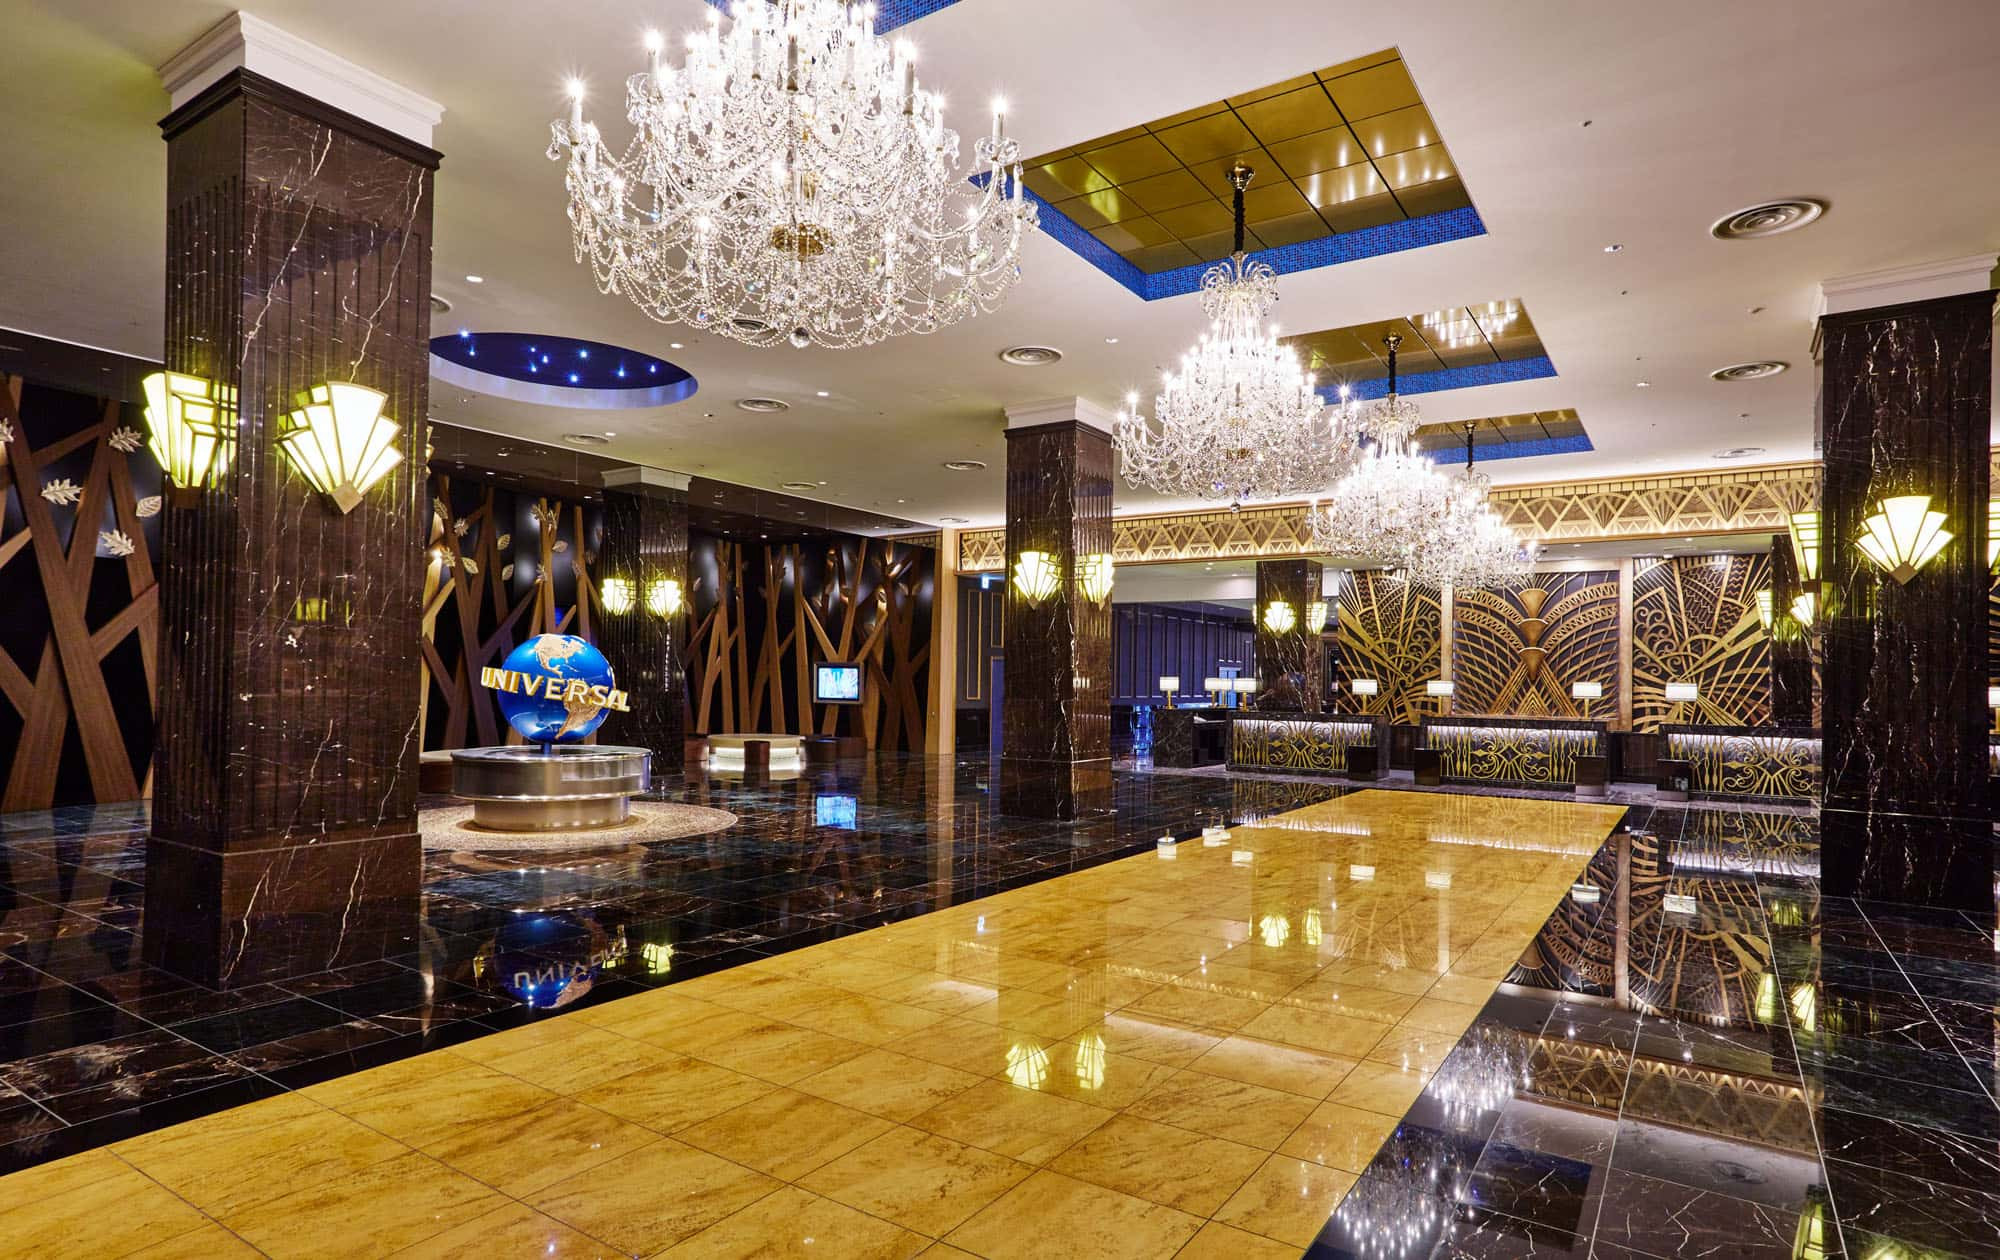 【比較】USJオフィシャルホテルの部屋一覧!家族・友達・カップル・グループにおすすめの部屋